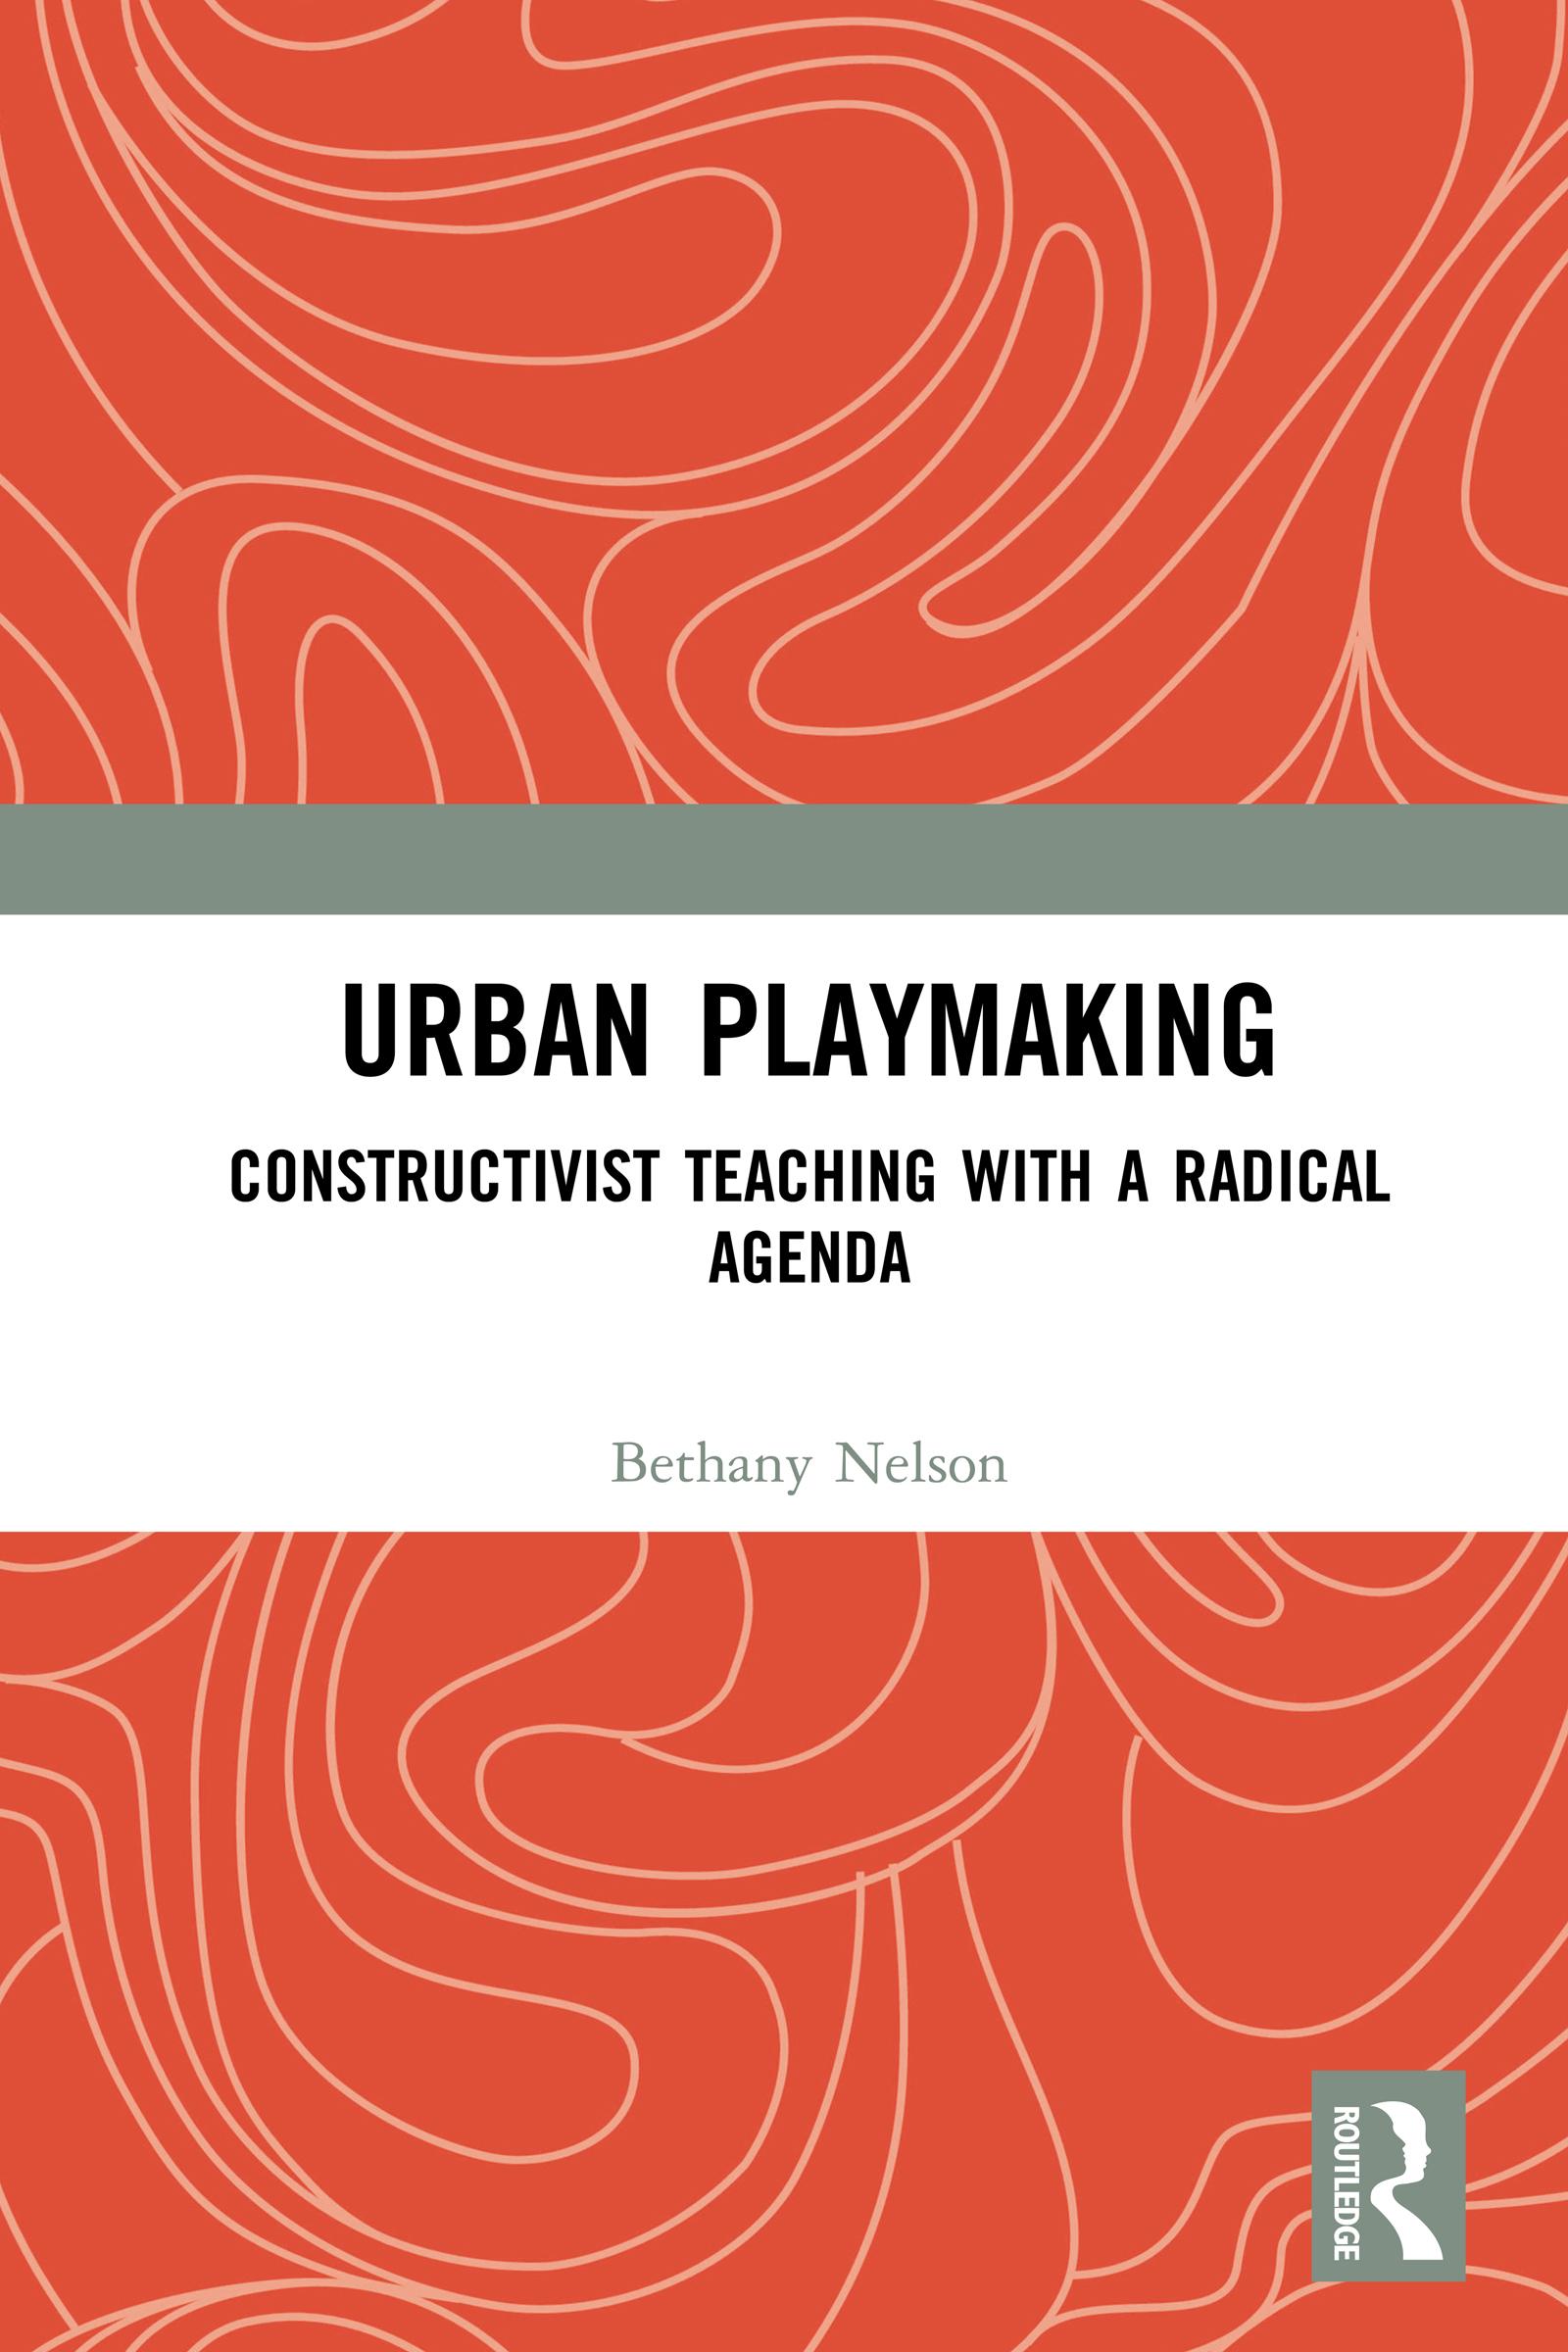 Urban Playmaking